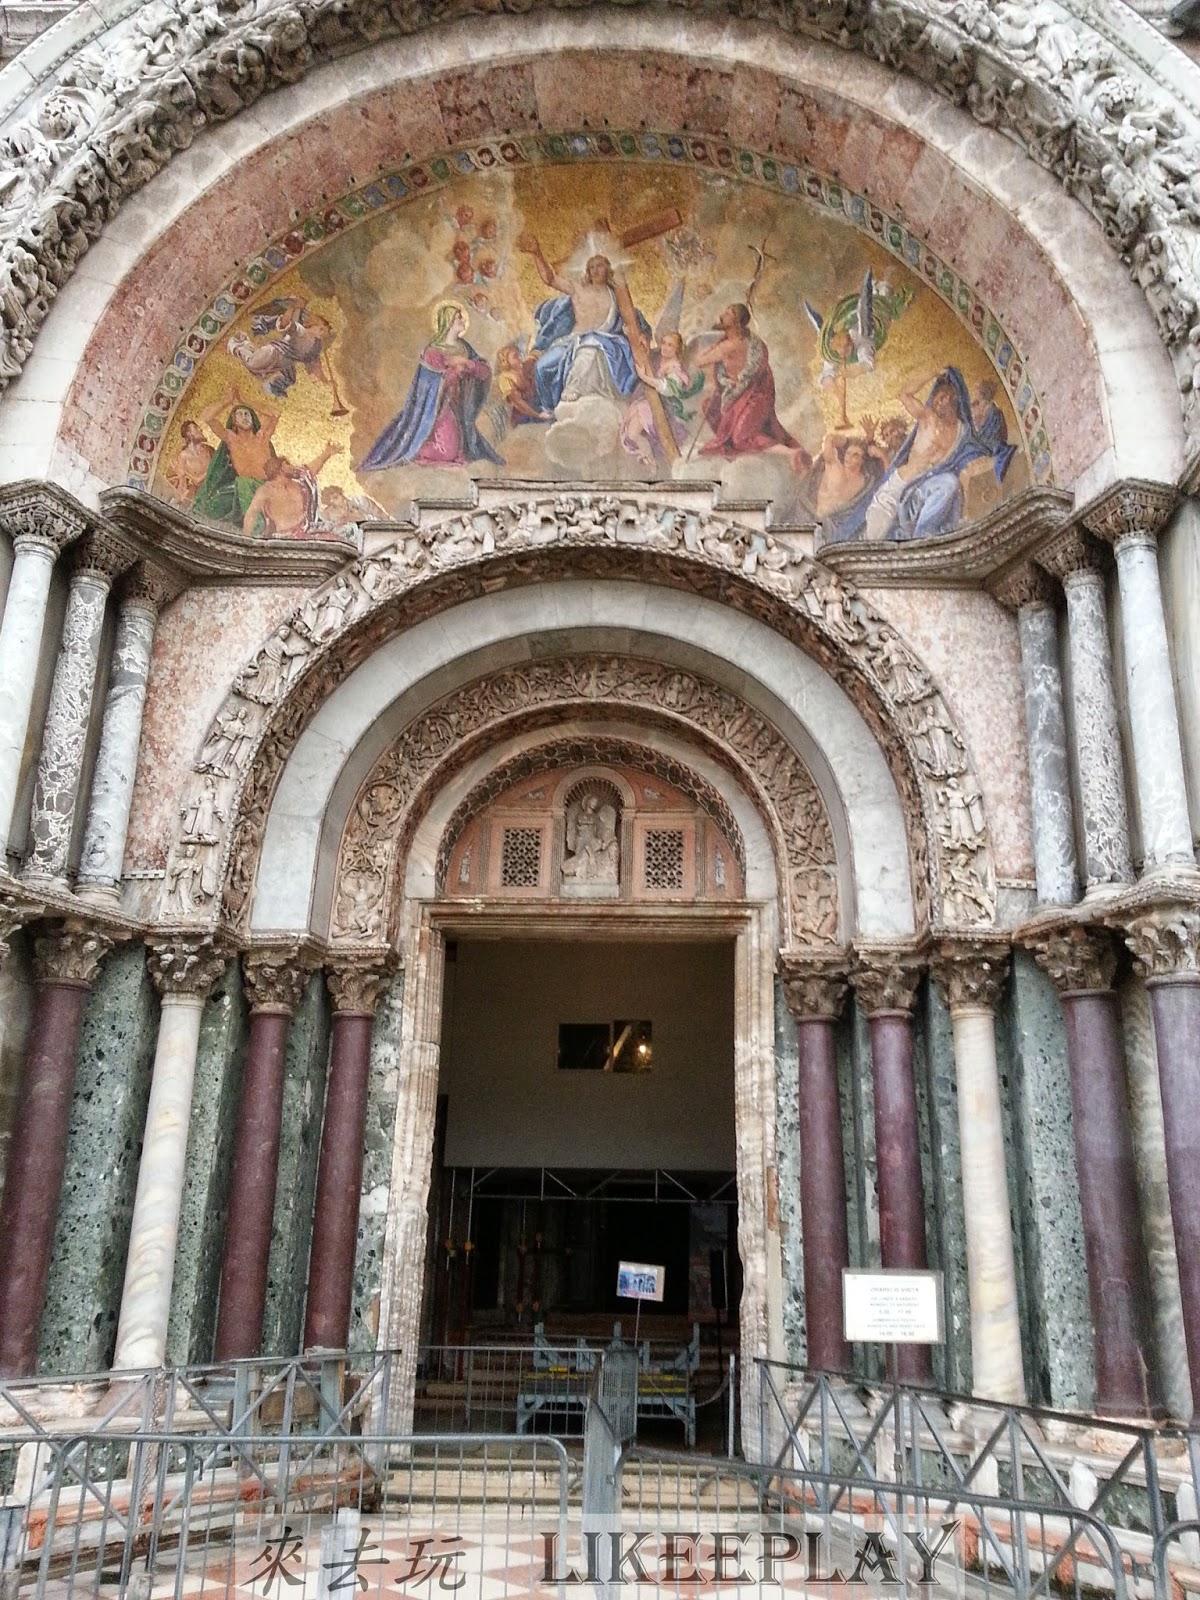 來去玩: 威尼斯核心景點—聖馬可大教堂(Basilica di San Marco)